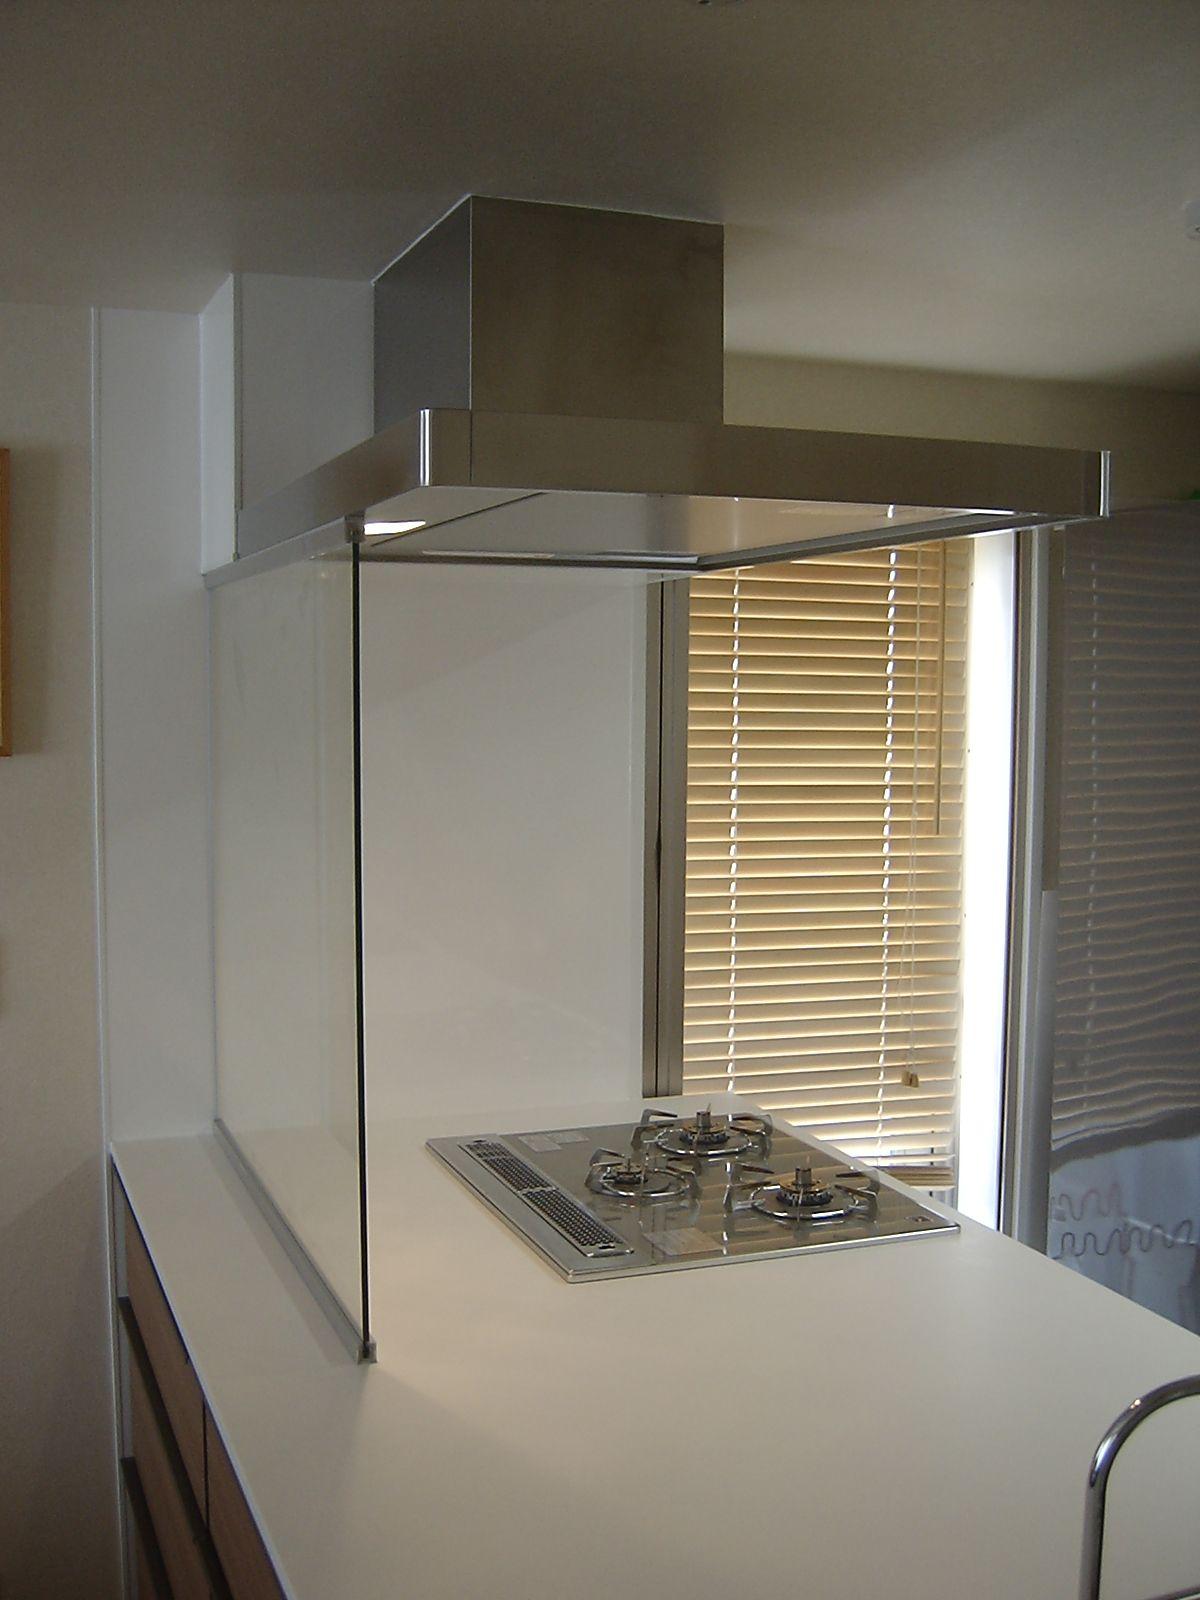 キッチンコンロのガラス製フロントスクリーン キッチンアイデア